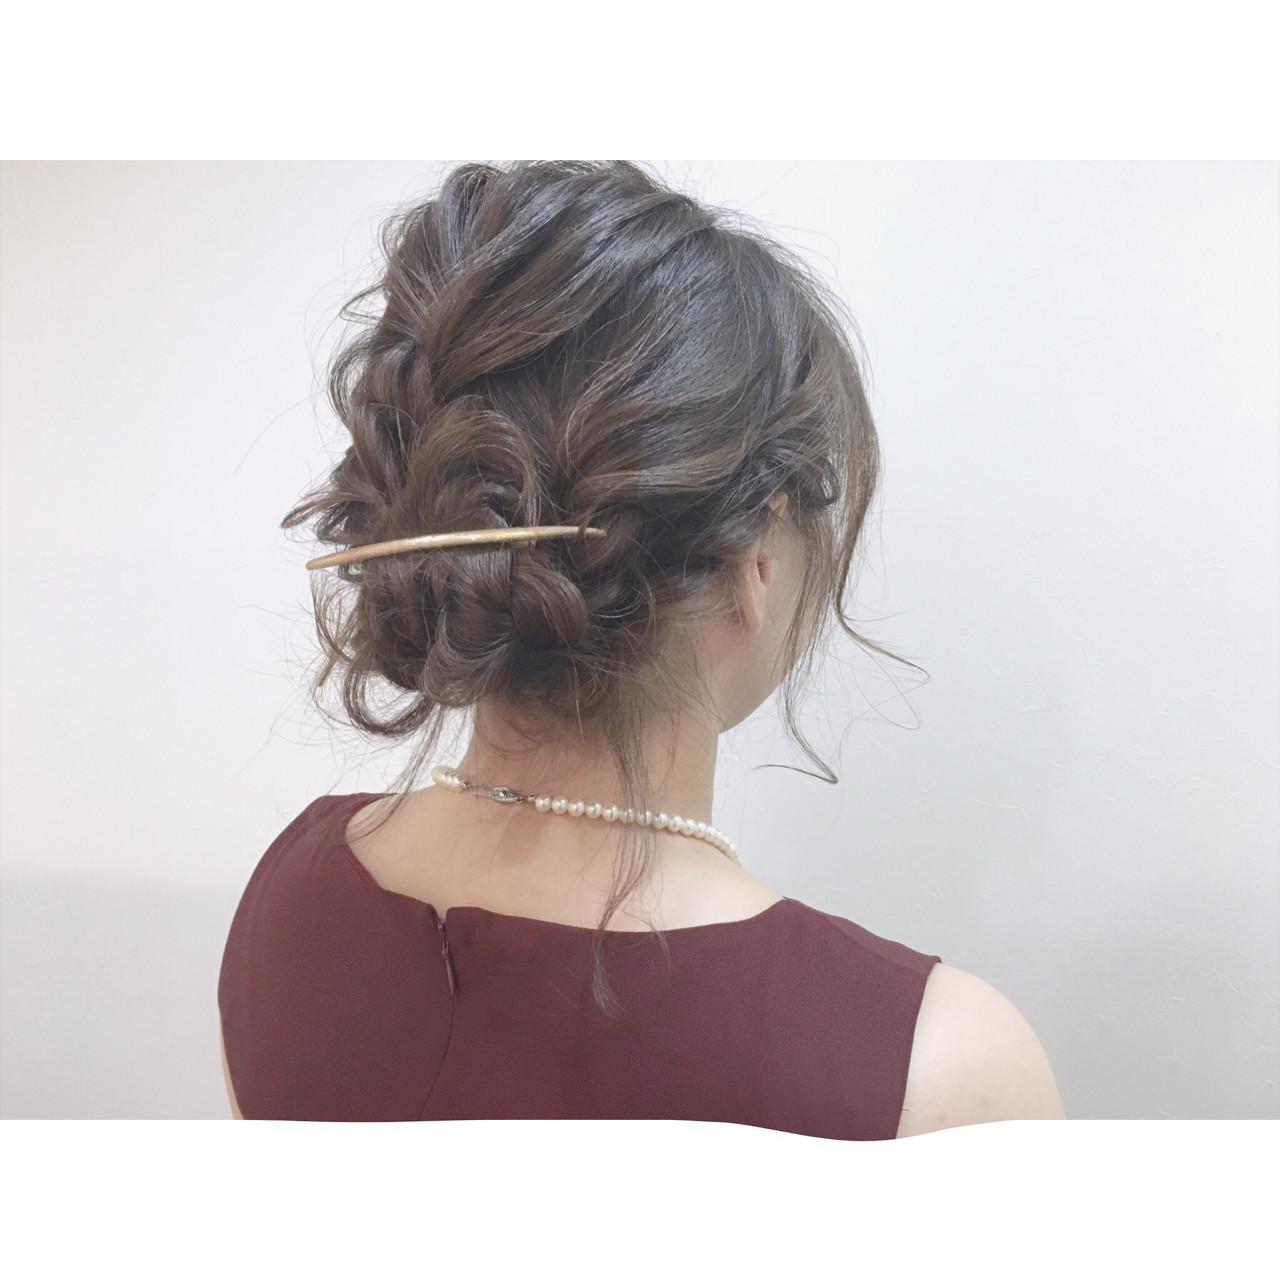 ショート 簡単ヘアアレンジ ミディアム 結婚式 ヘアスタイルや髪型の写真・画像